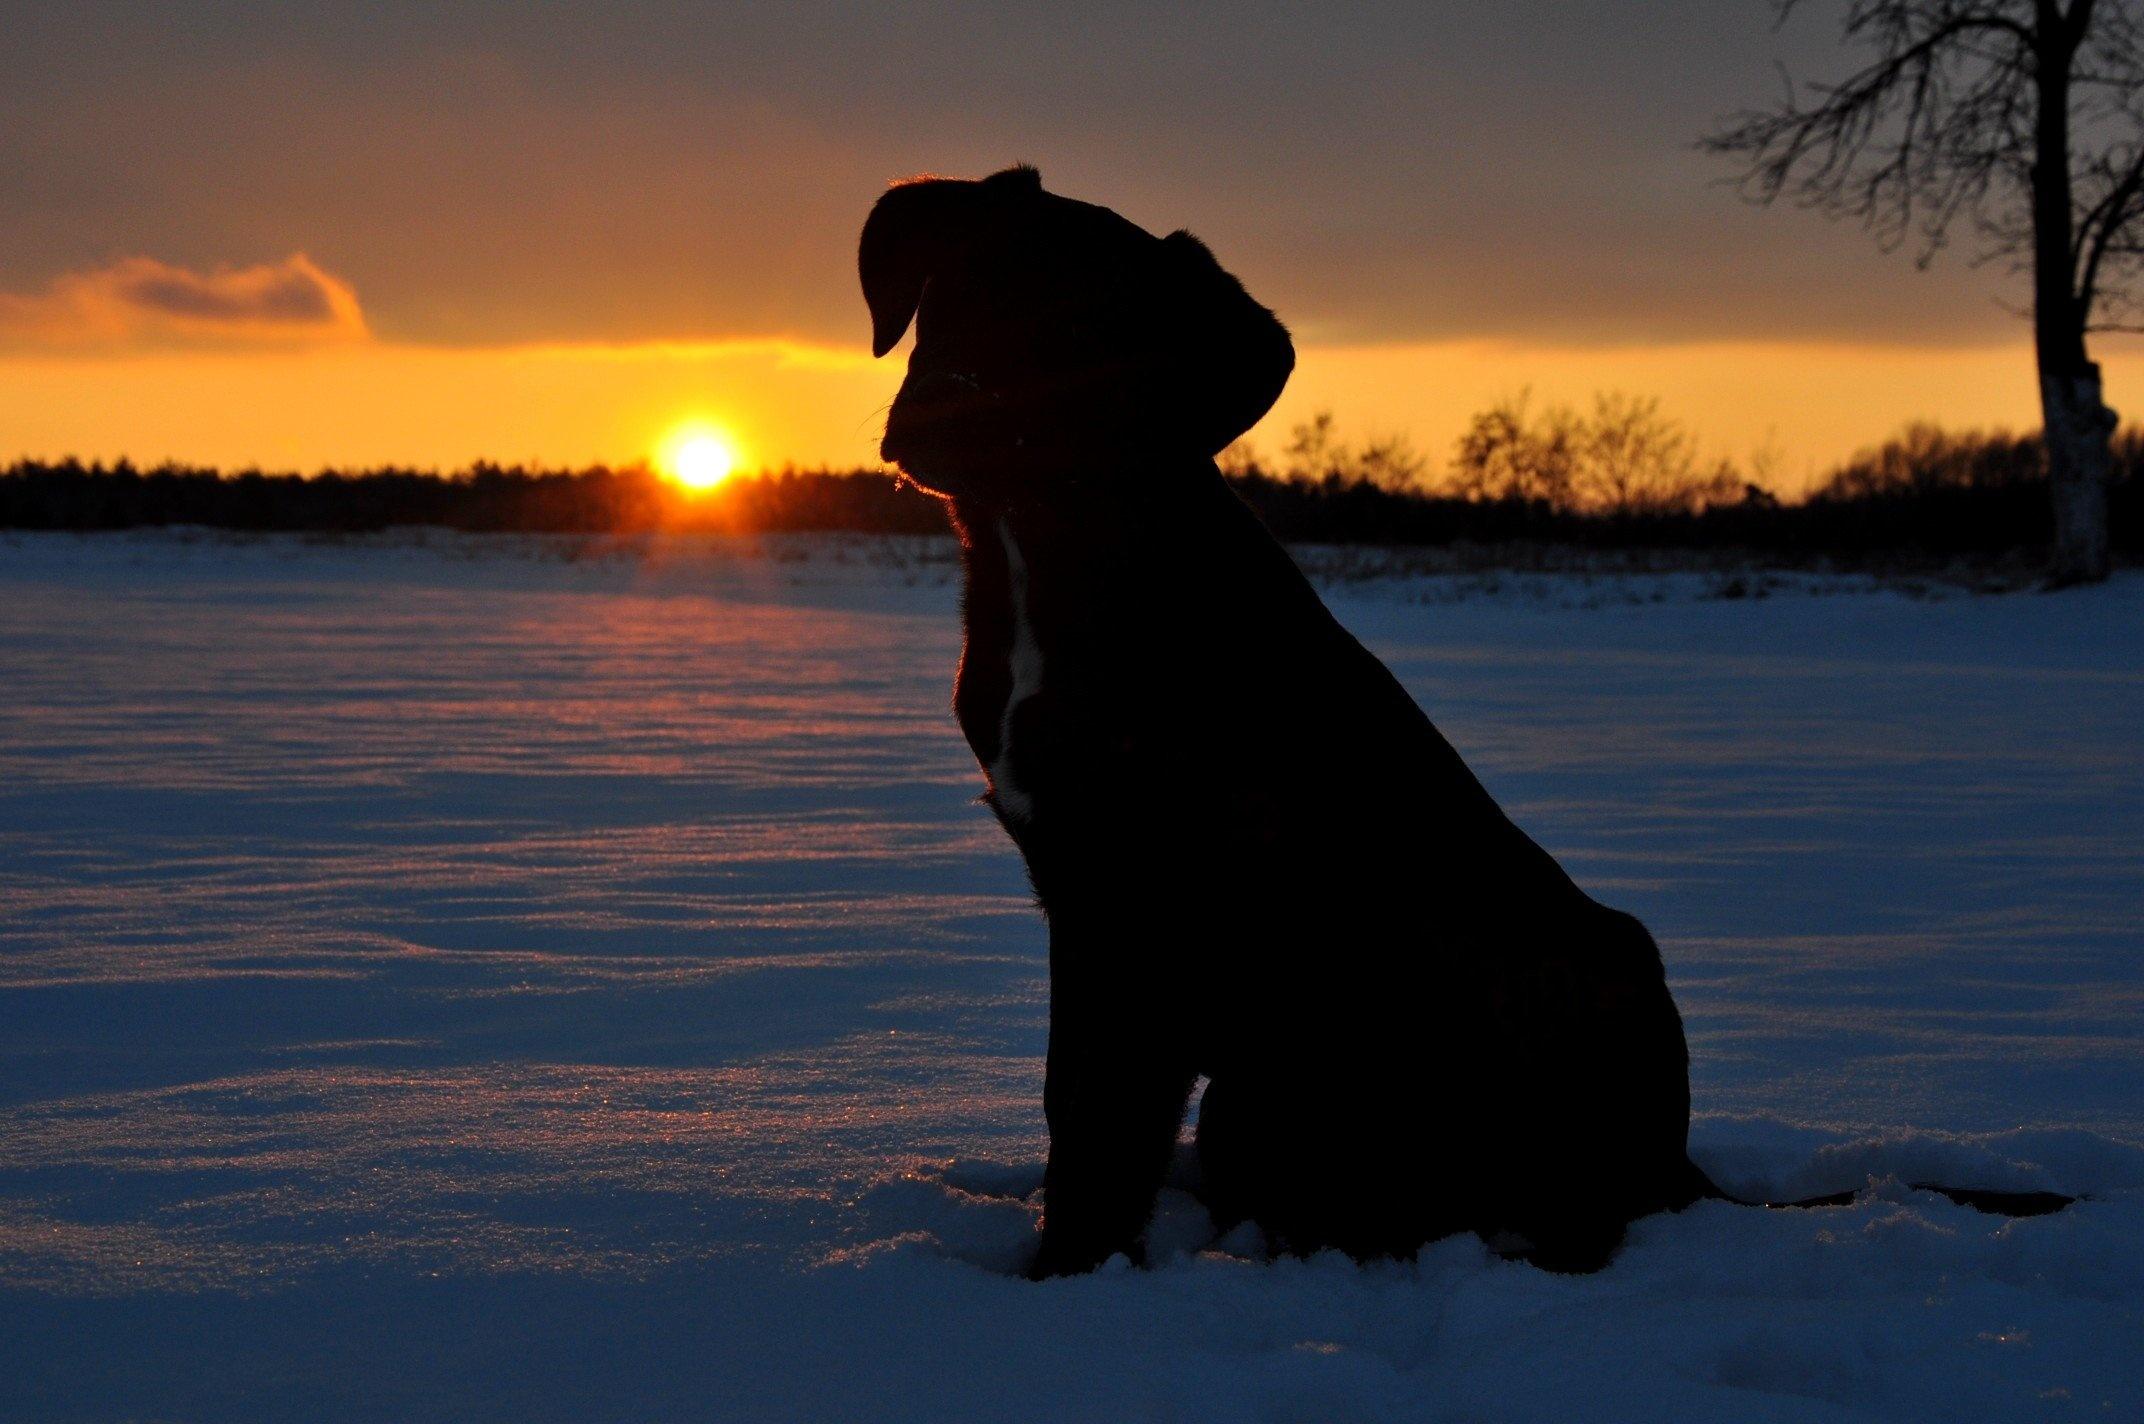 Собака на фоне заката  № 2038708 бесплатно